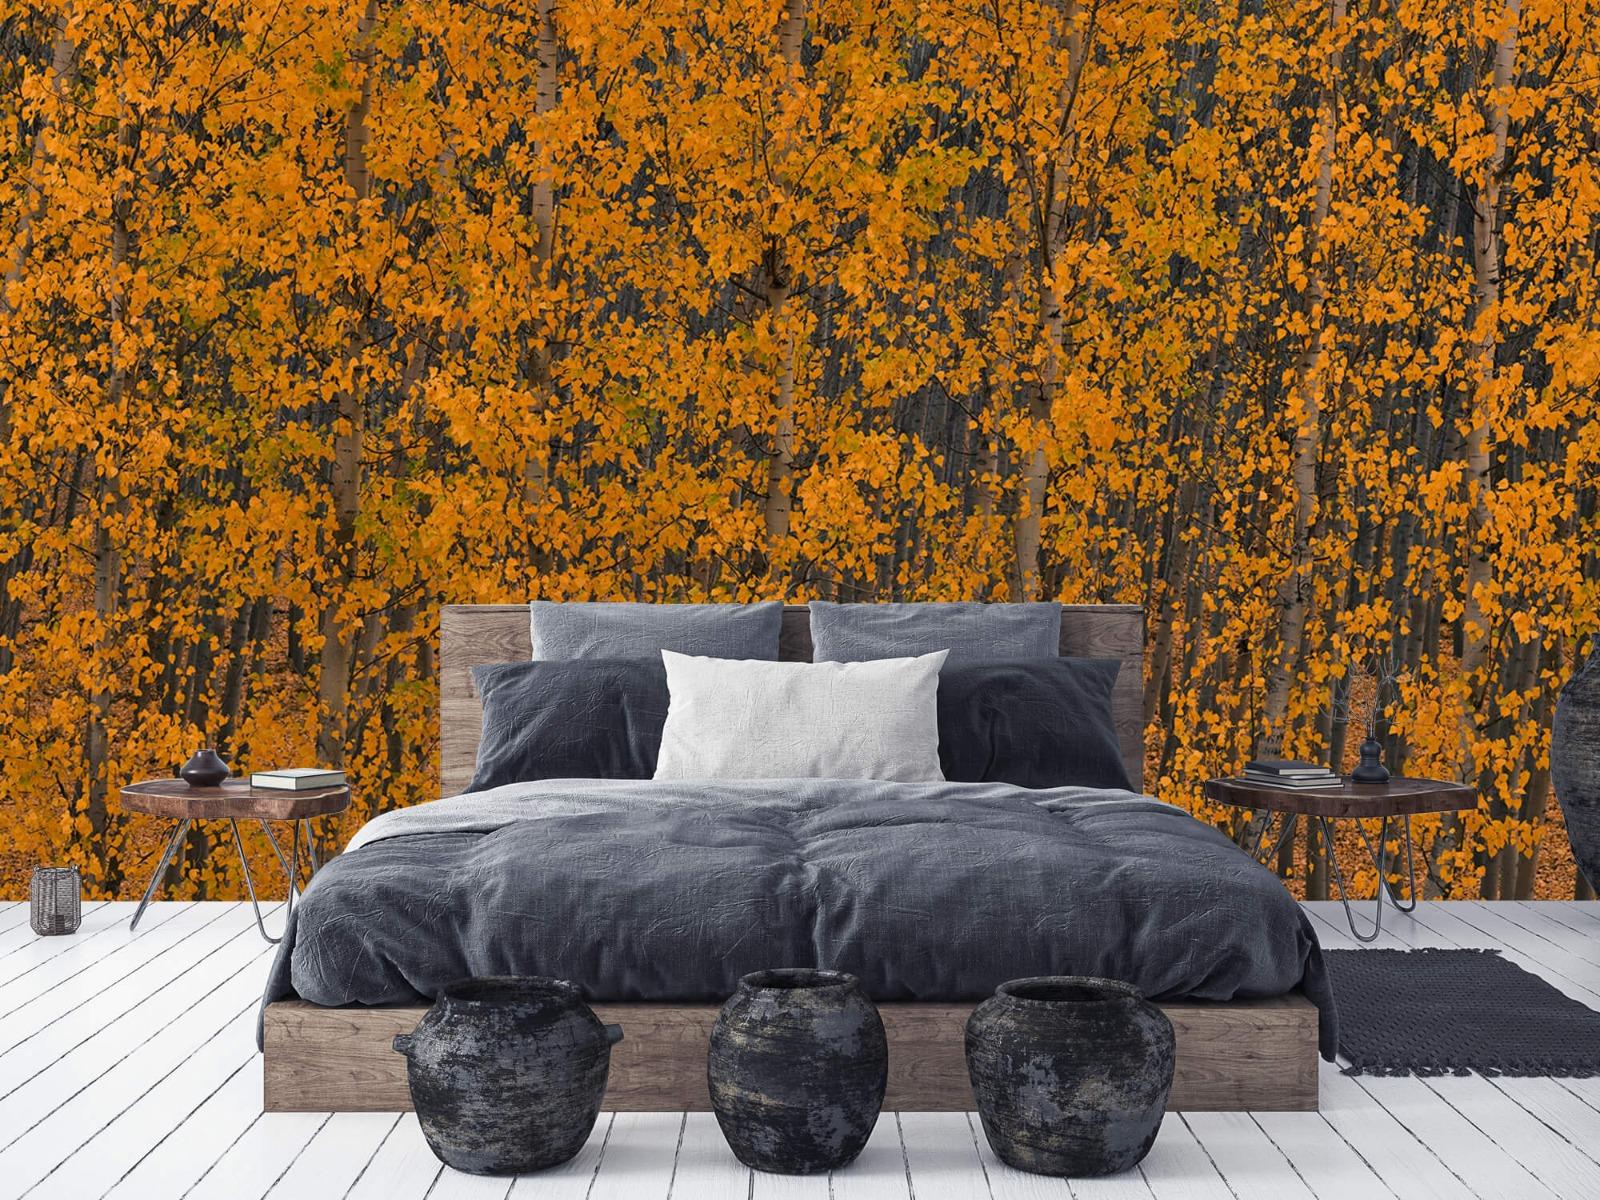 Herfst - Populieren bos - Slaapkamer 5